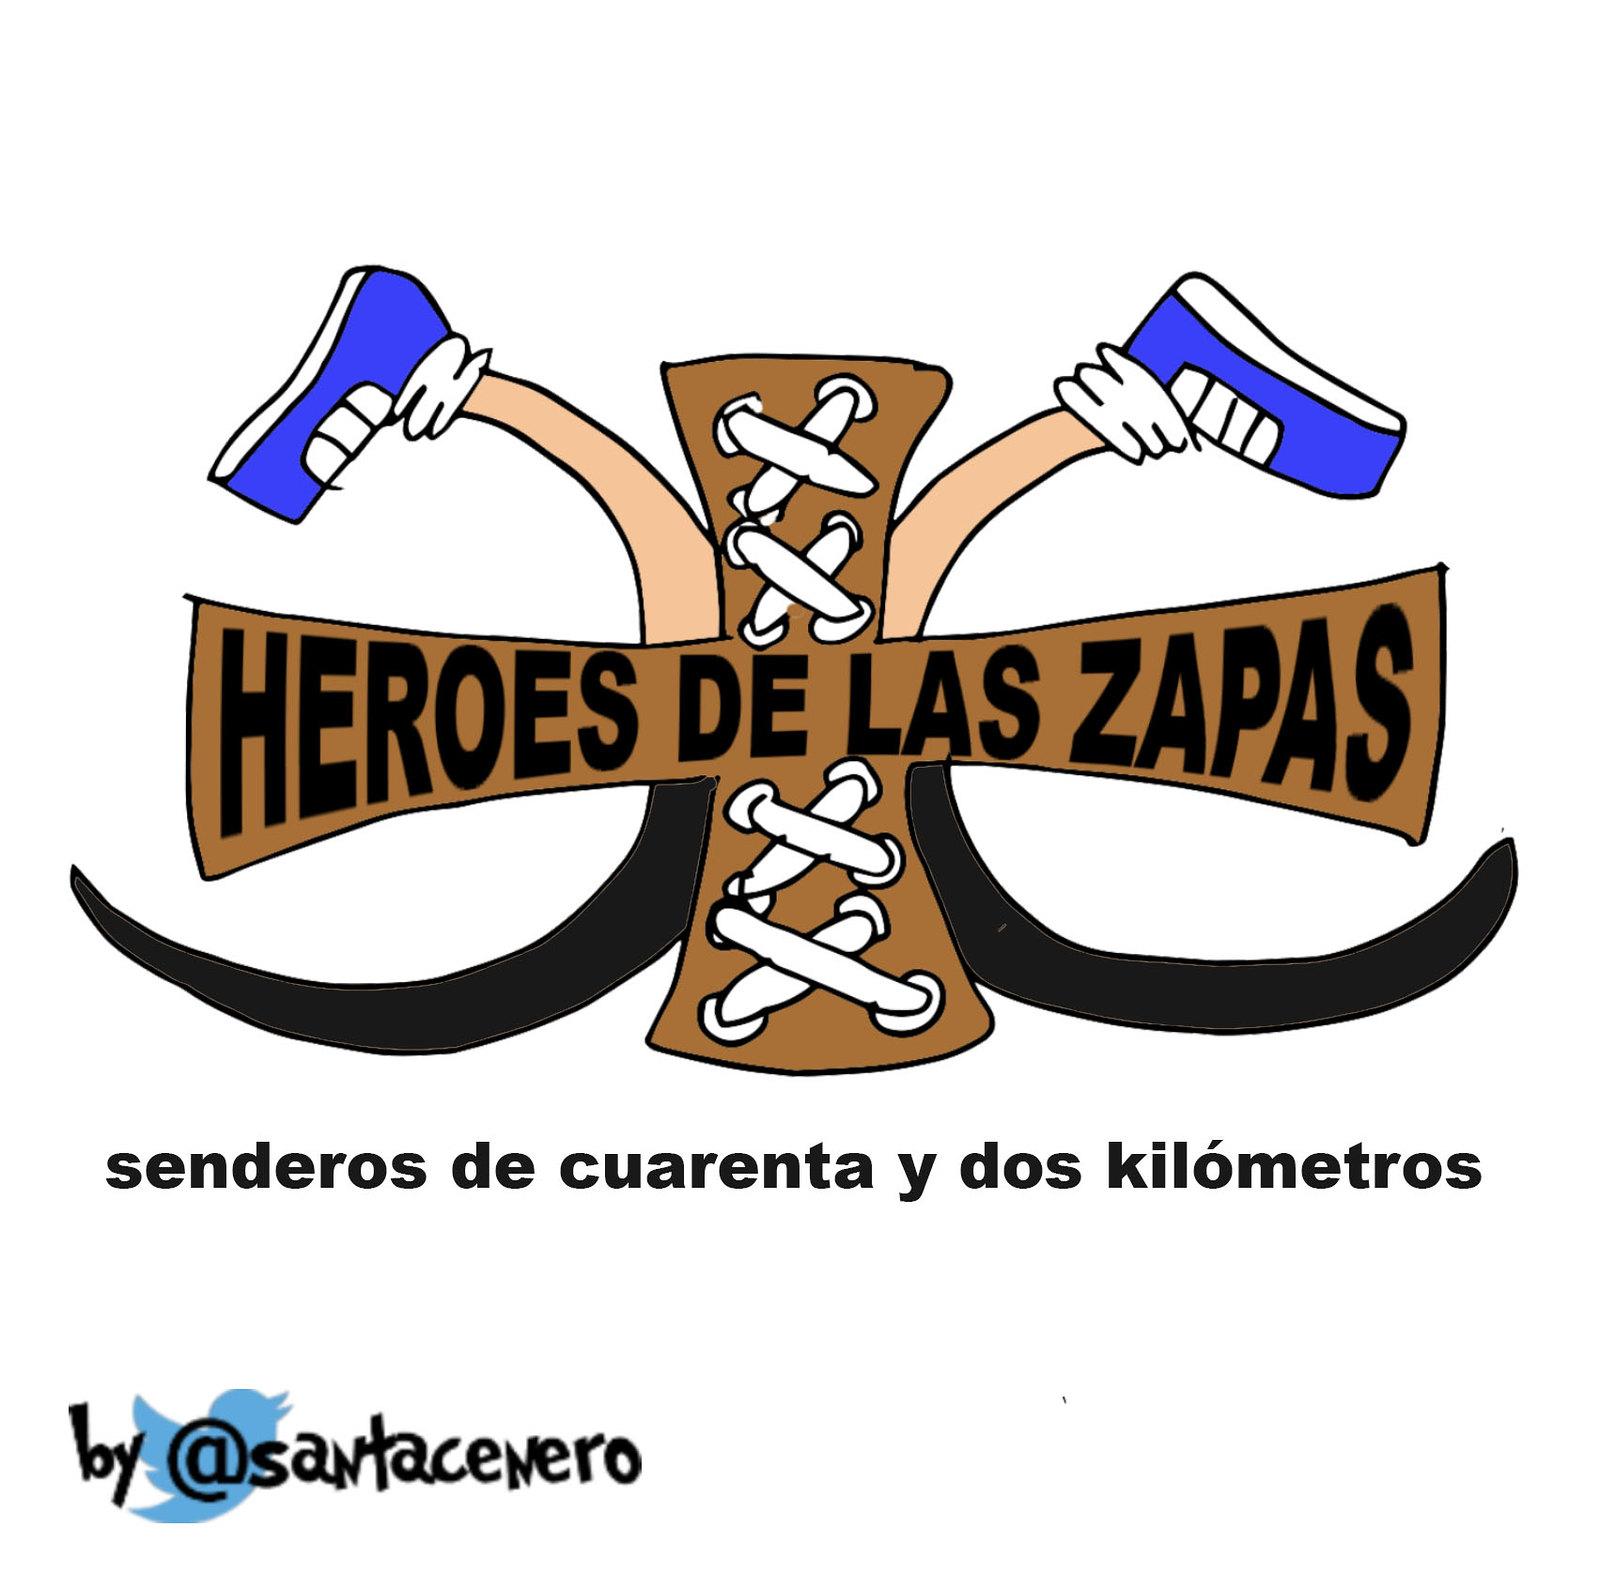 heroes de las zapas